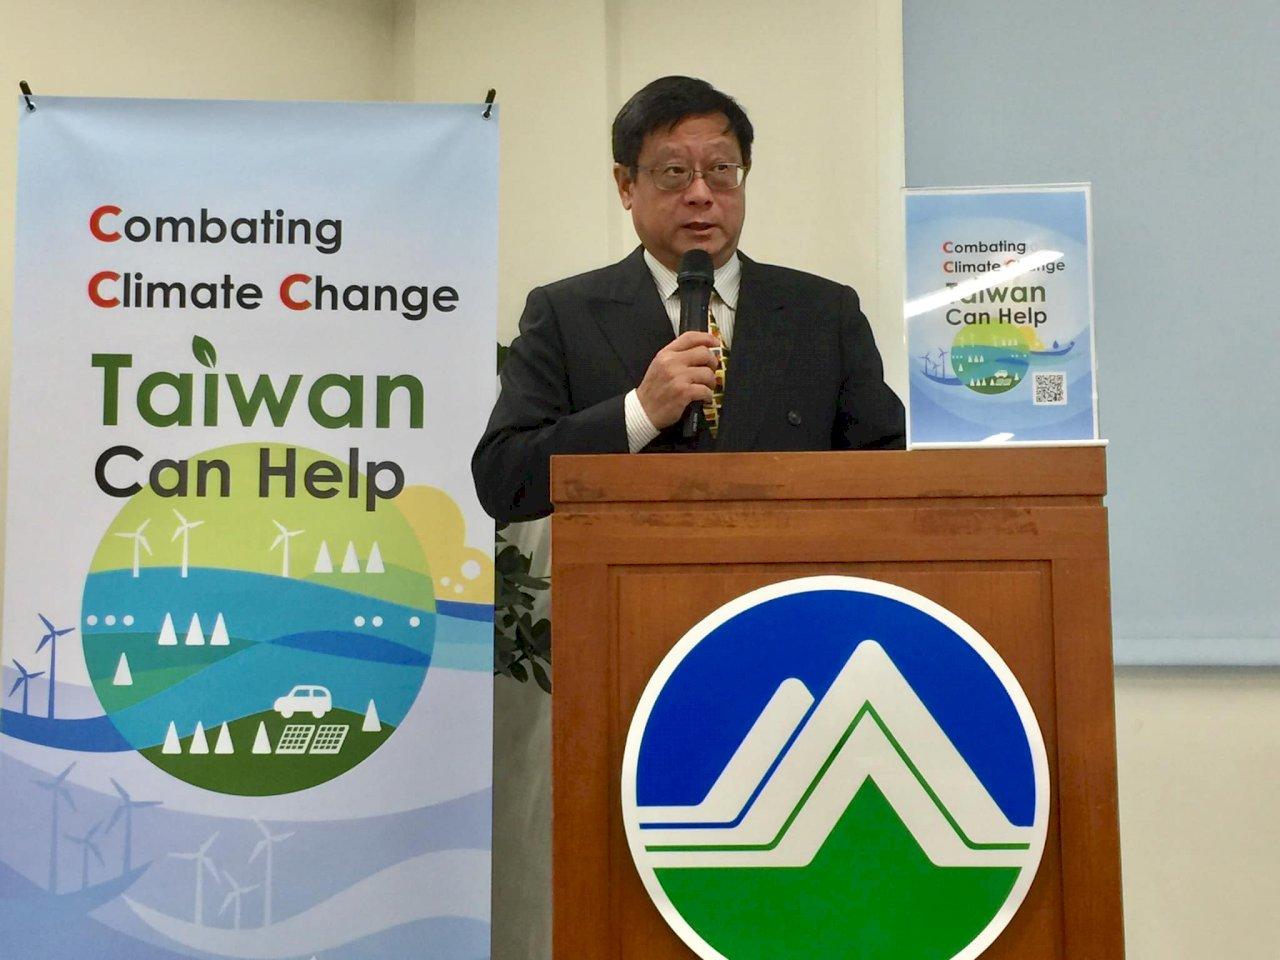 強化汙染者付費制度 環保署盼修溫管法